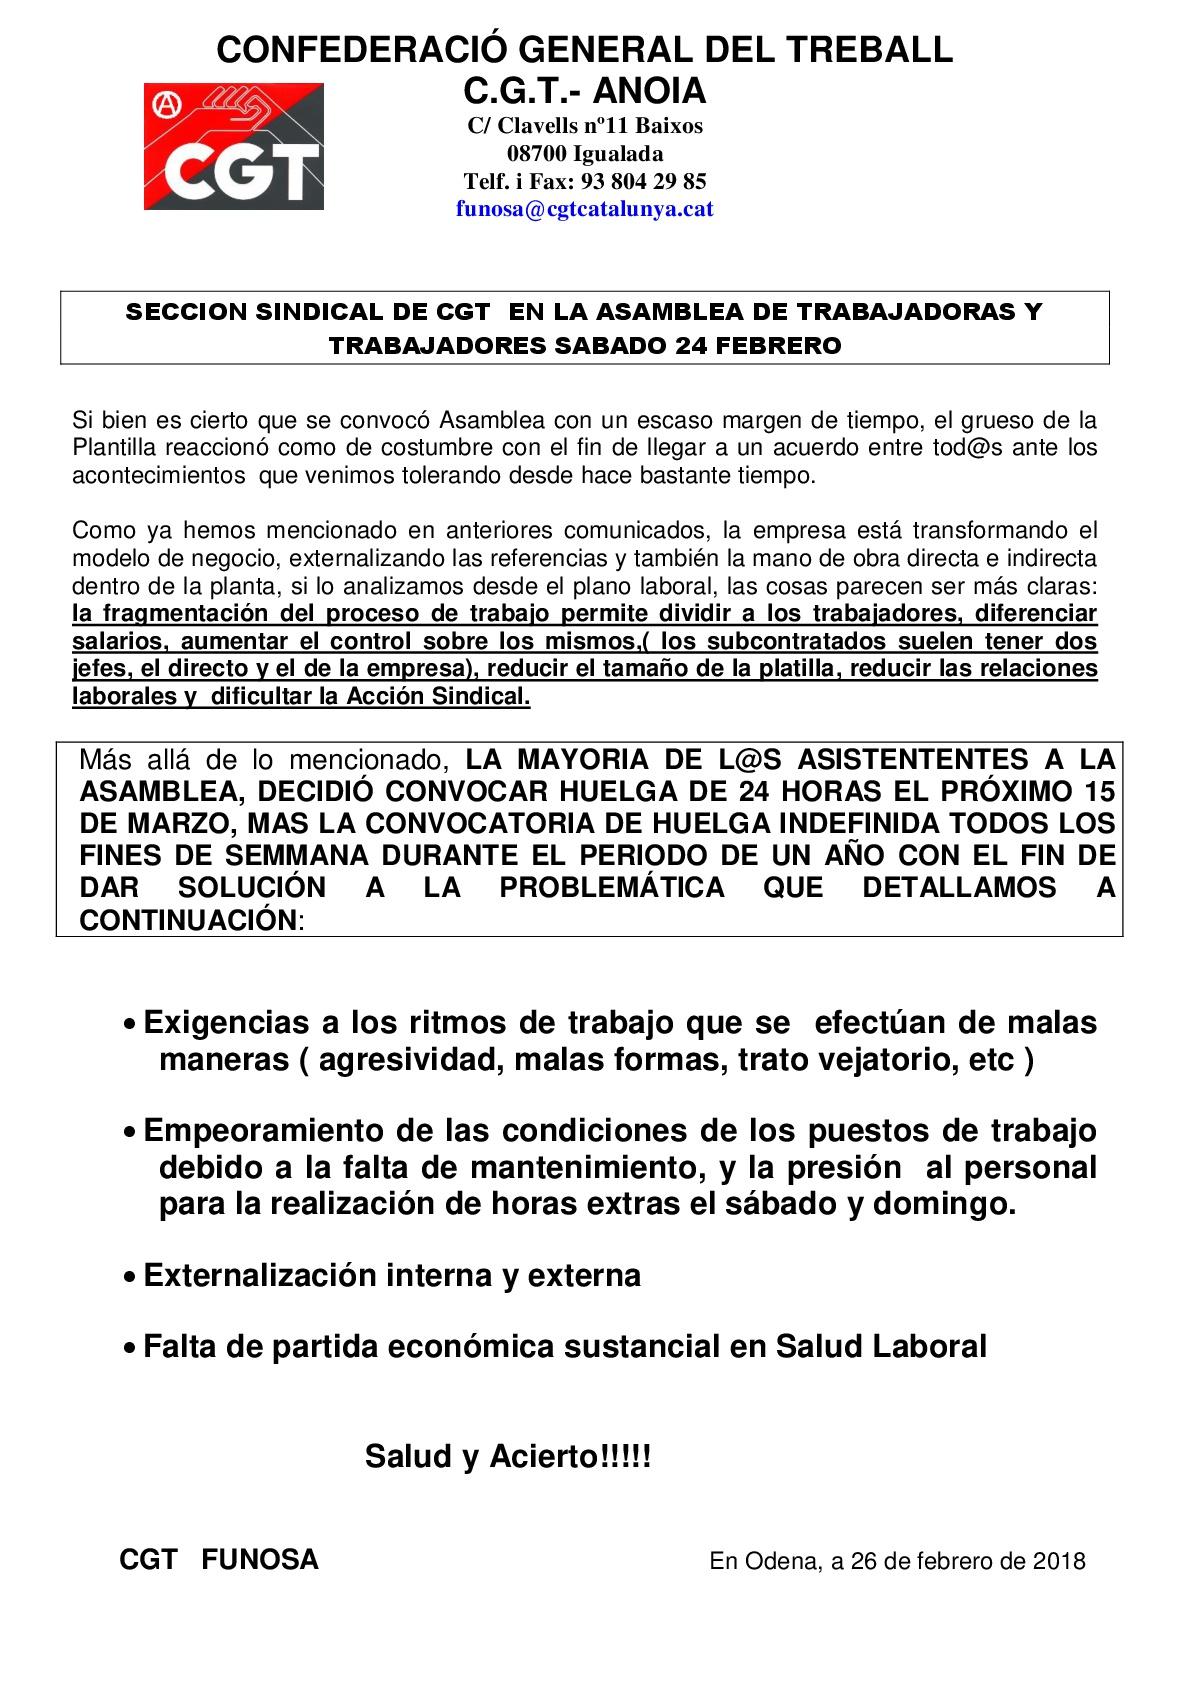 RESULTADO ASAMBLEA GENERAL FUNOSA 24 FEBRERO-001